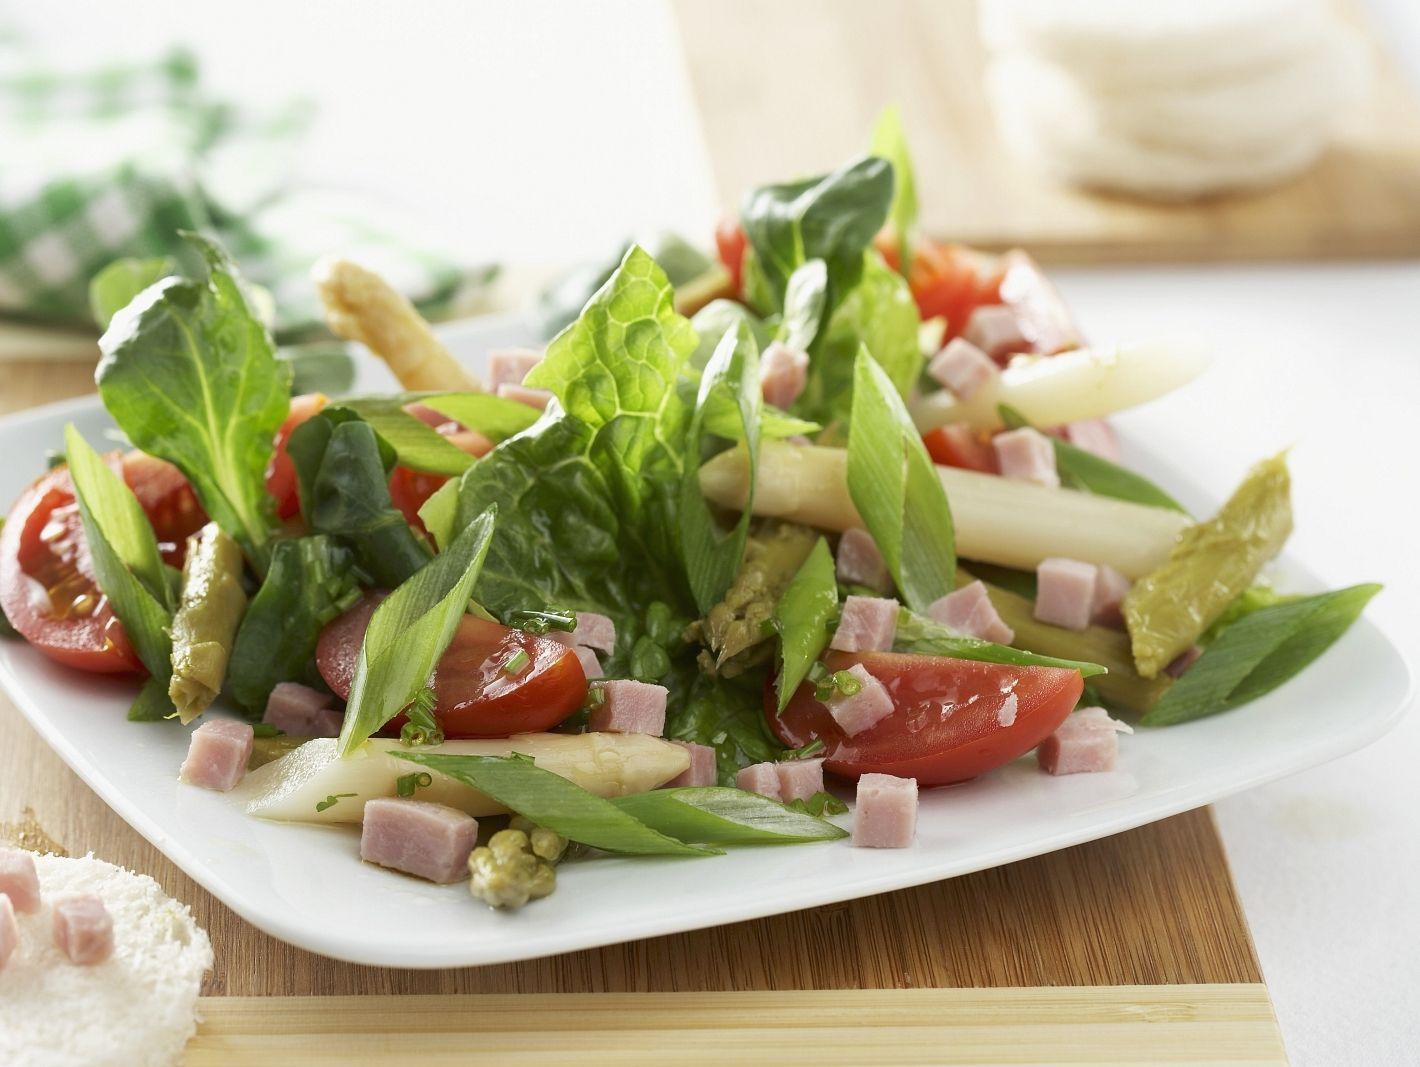 Grüner Salat mit Spargel, Tomaten und Schinken Rezept   EAT SMARTER